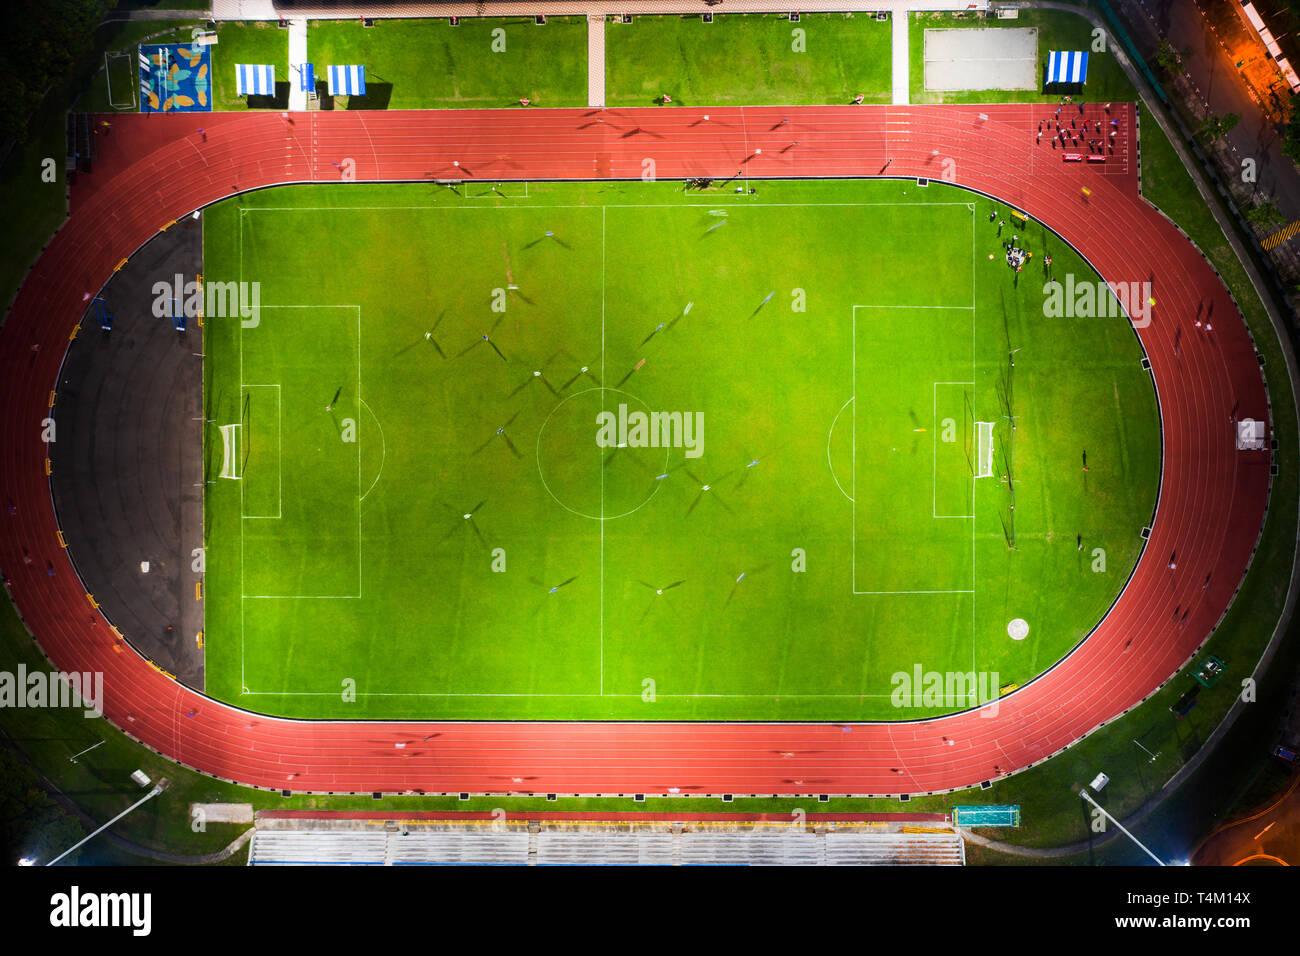 Vista aérea de un campo de fútbol con jugadores jugando al fútbol y una pista de atletismo para los deportistas dentro de un estadio de la luz. Imagen De Stock